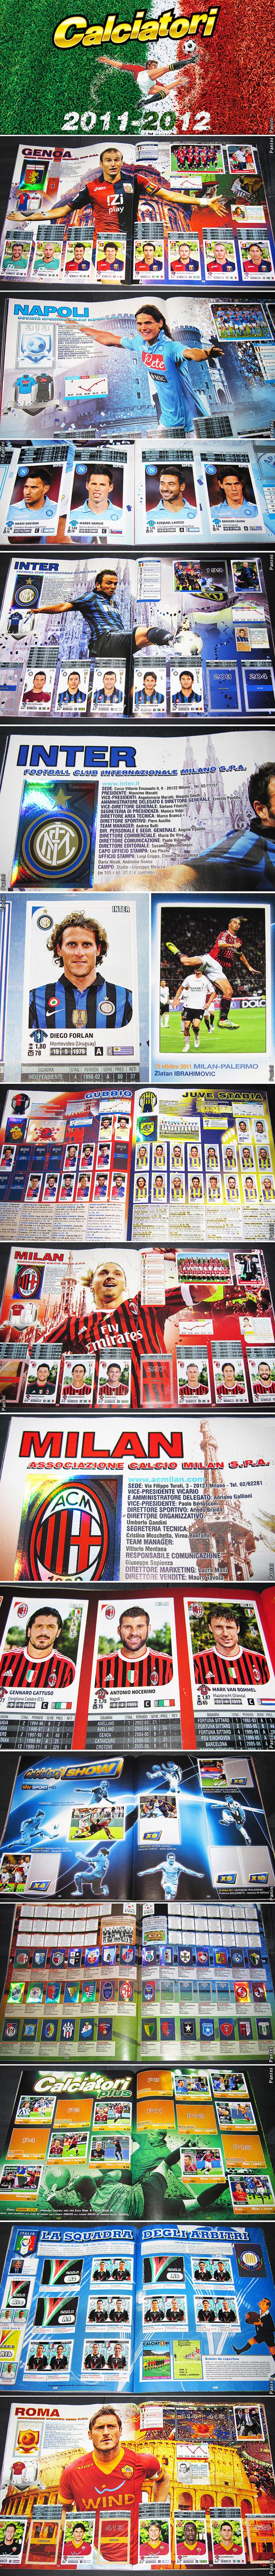 Calciatori-2011-12